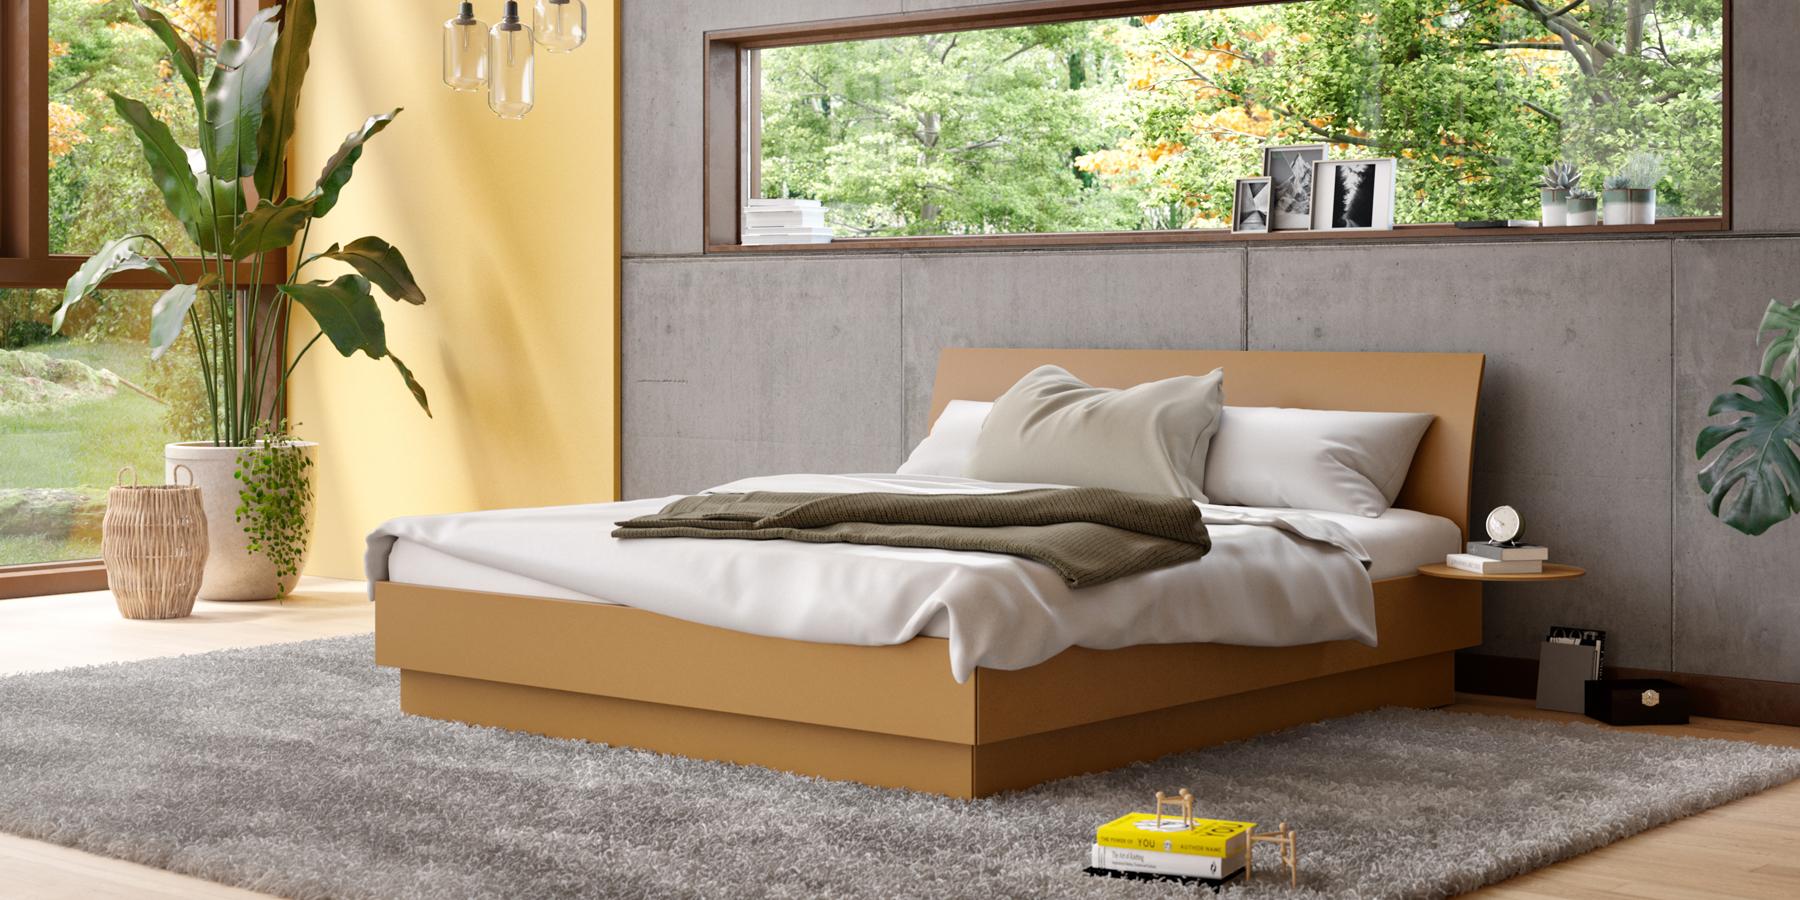 Bett mit niedrig gewölbtem Kopfteil